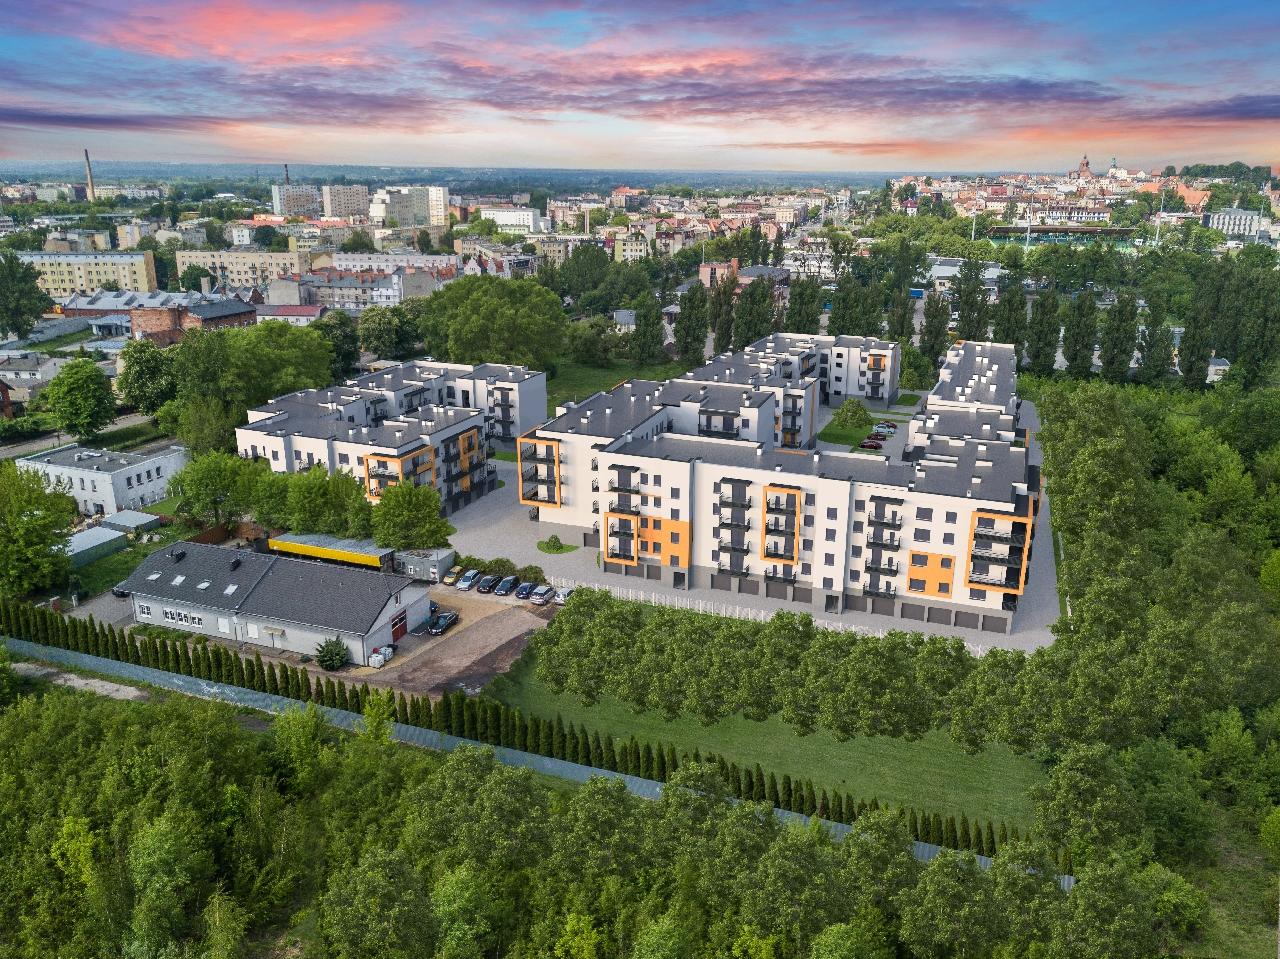 Nowoczesne mieszkanie 49.01m2*Osiedle Staromiejskie*WINDA*Grudziądz